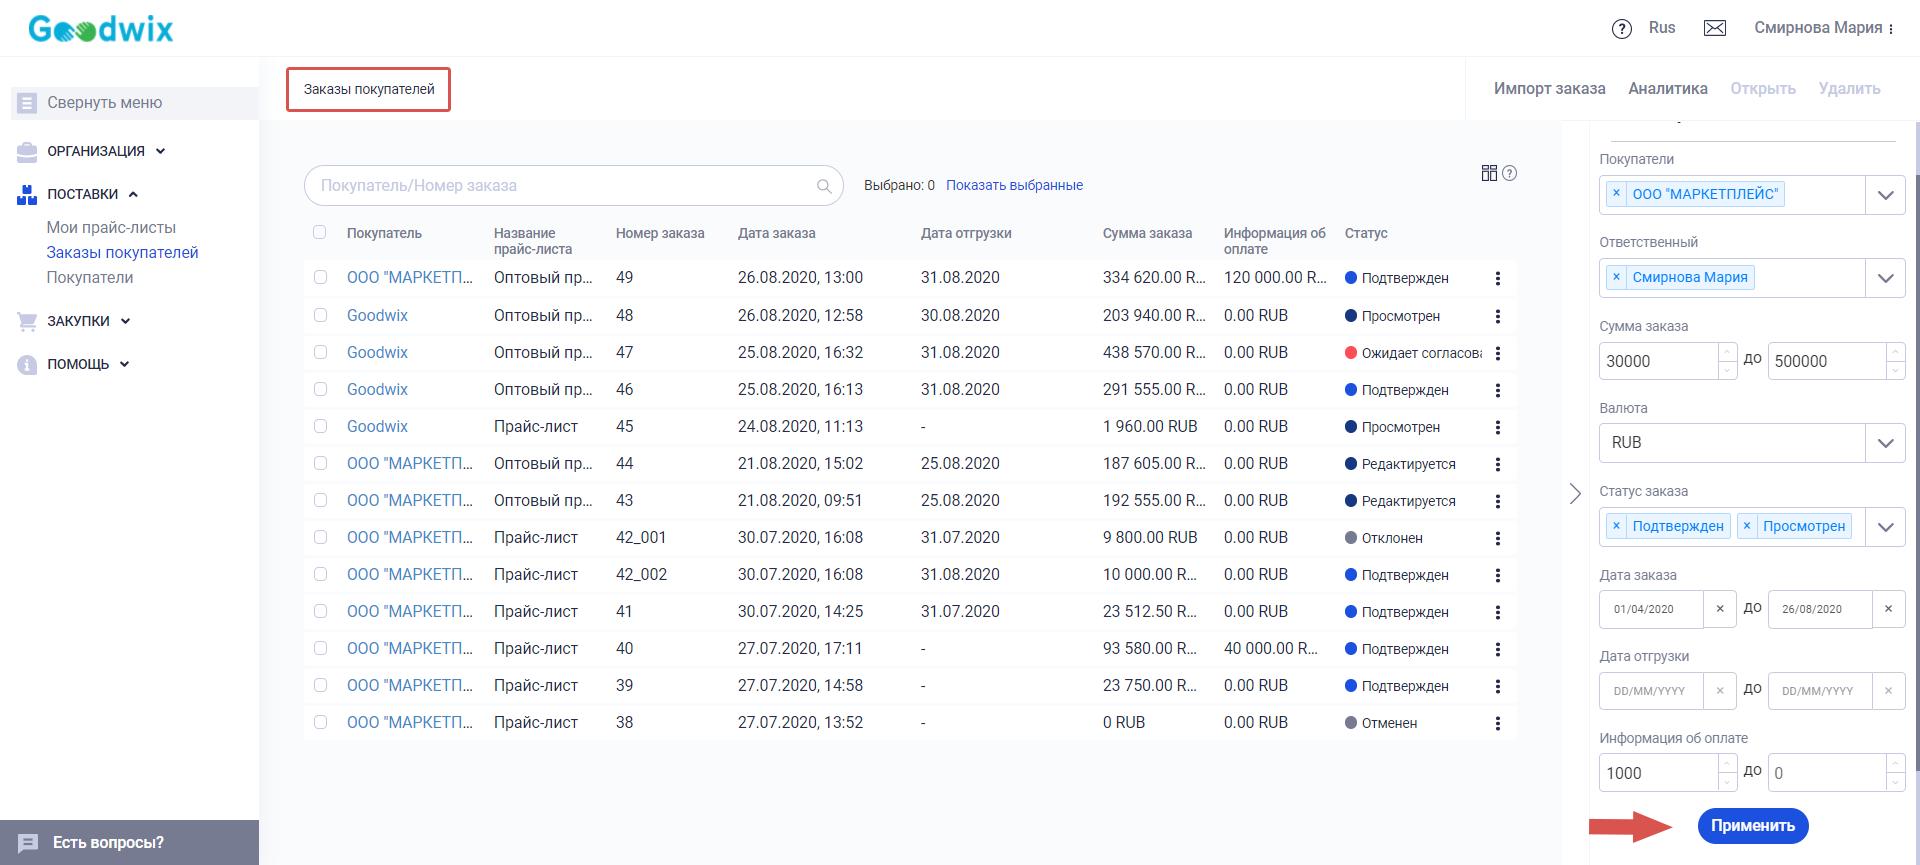 Поиск заказов с помощью фильтра_Руководство по работе с заказами